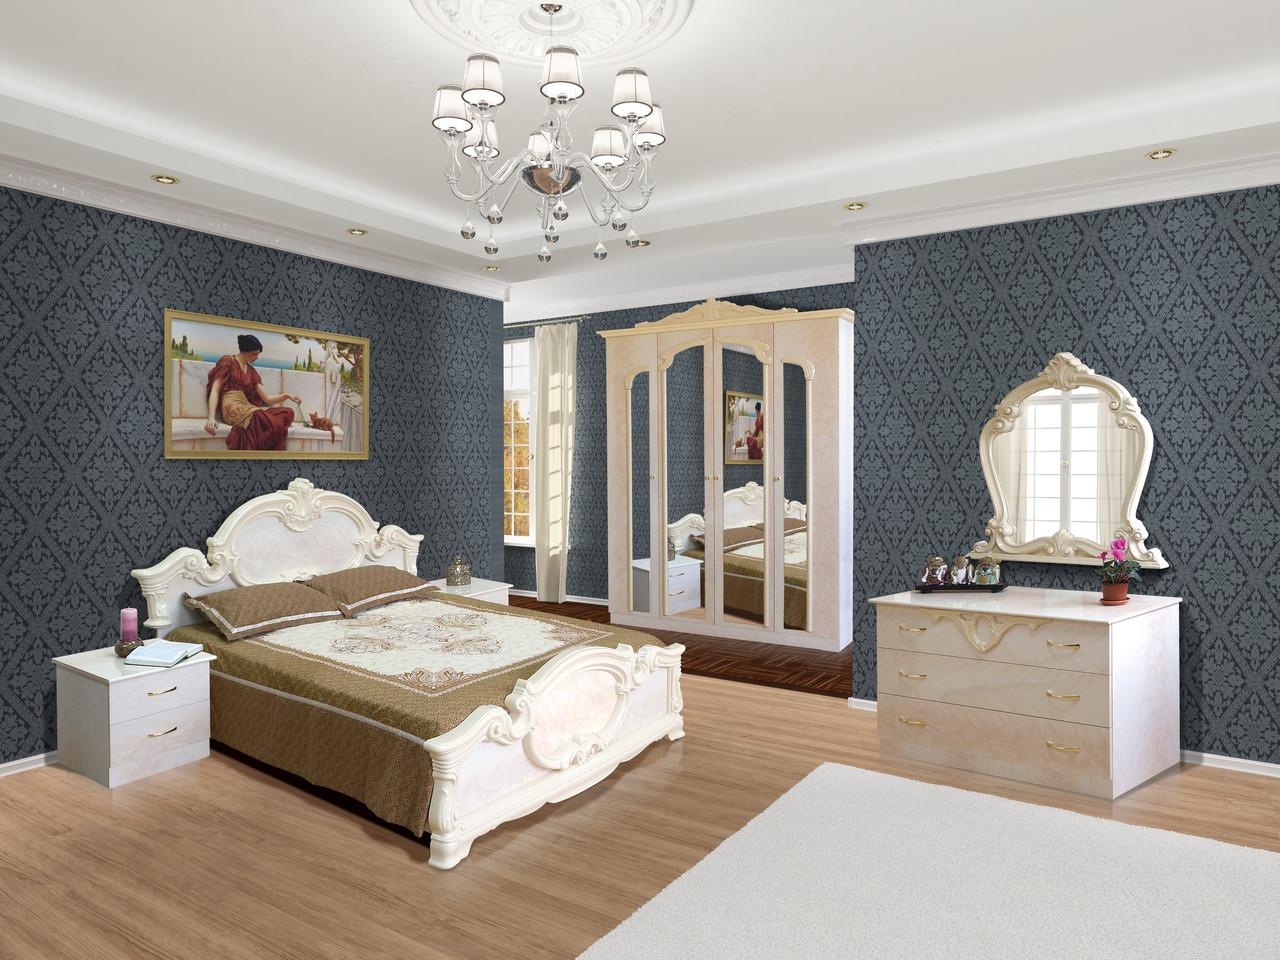 Спальня в классическом стиле Империя  6Д Світ меблів, цвет роза